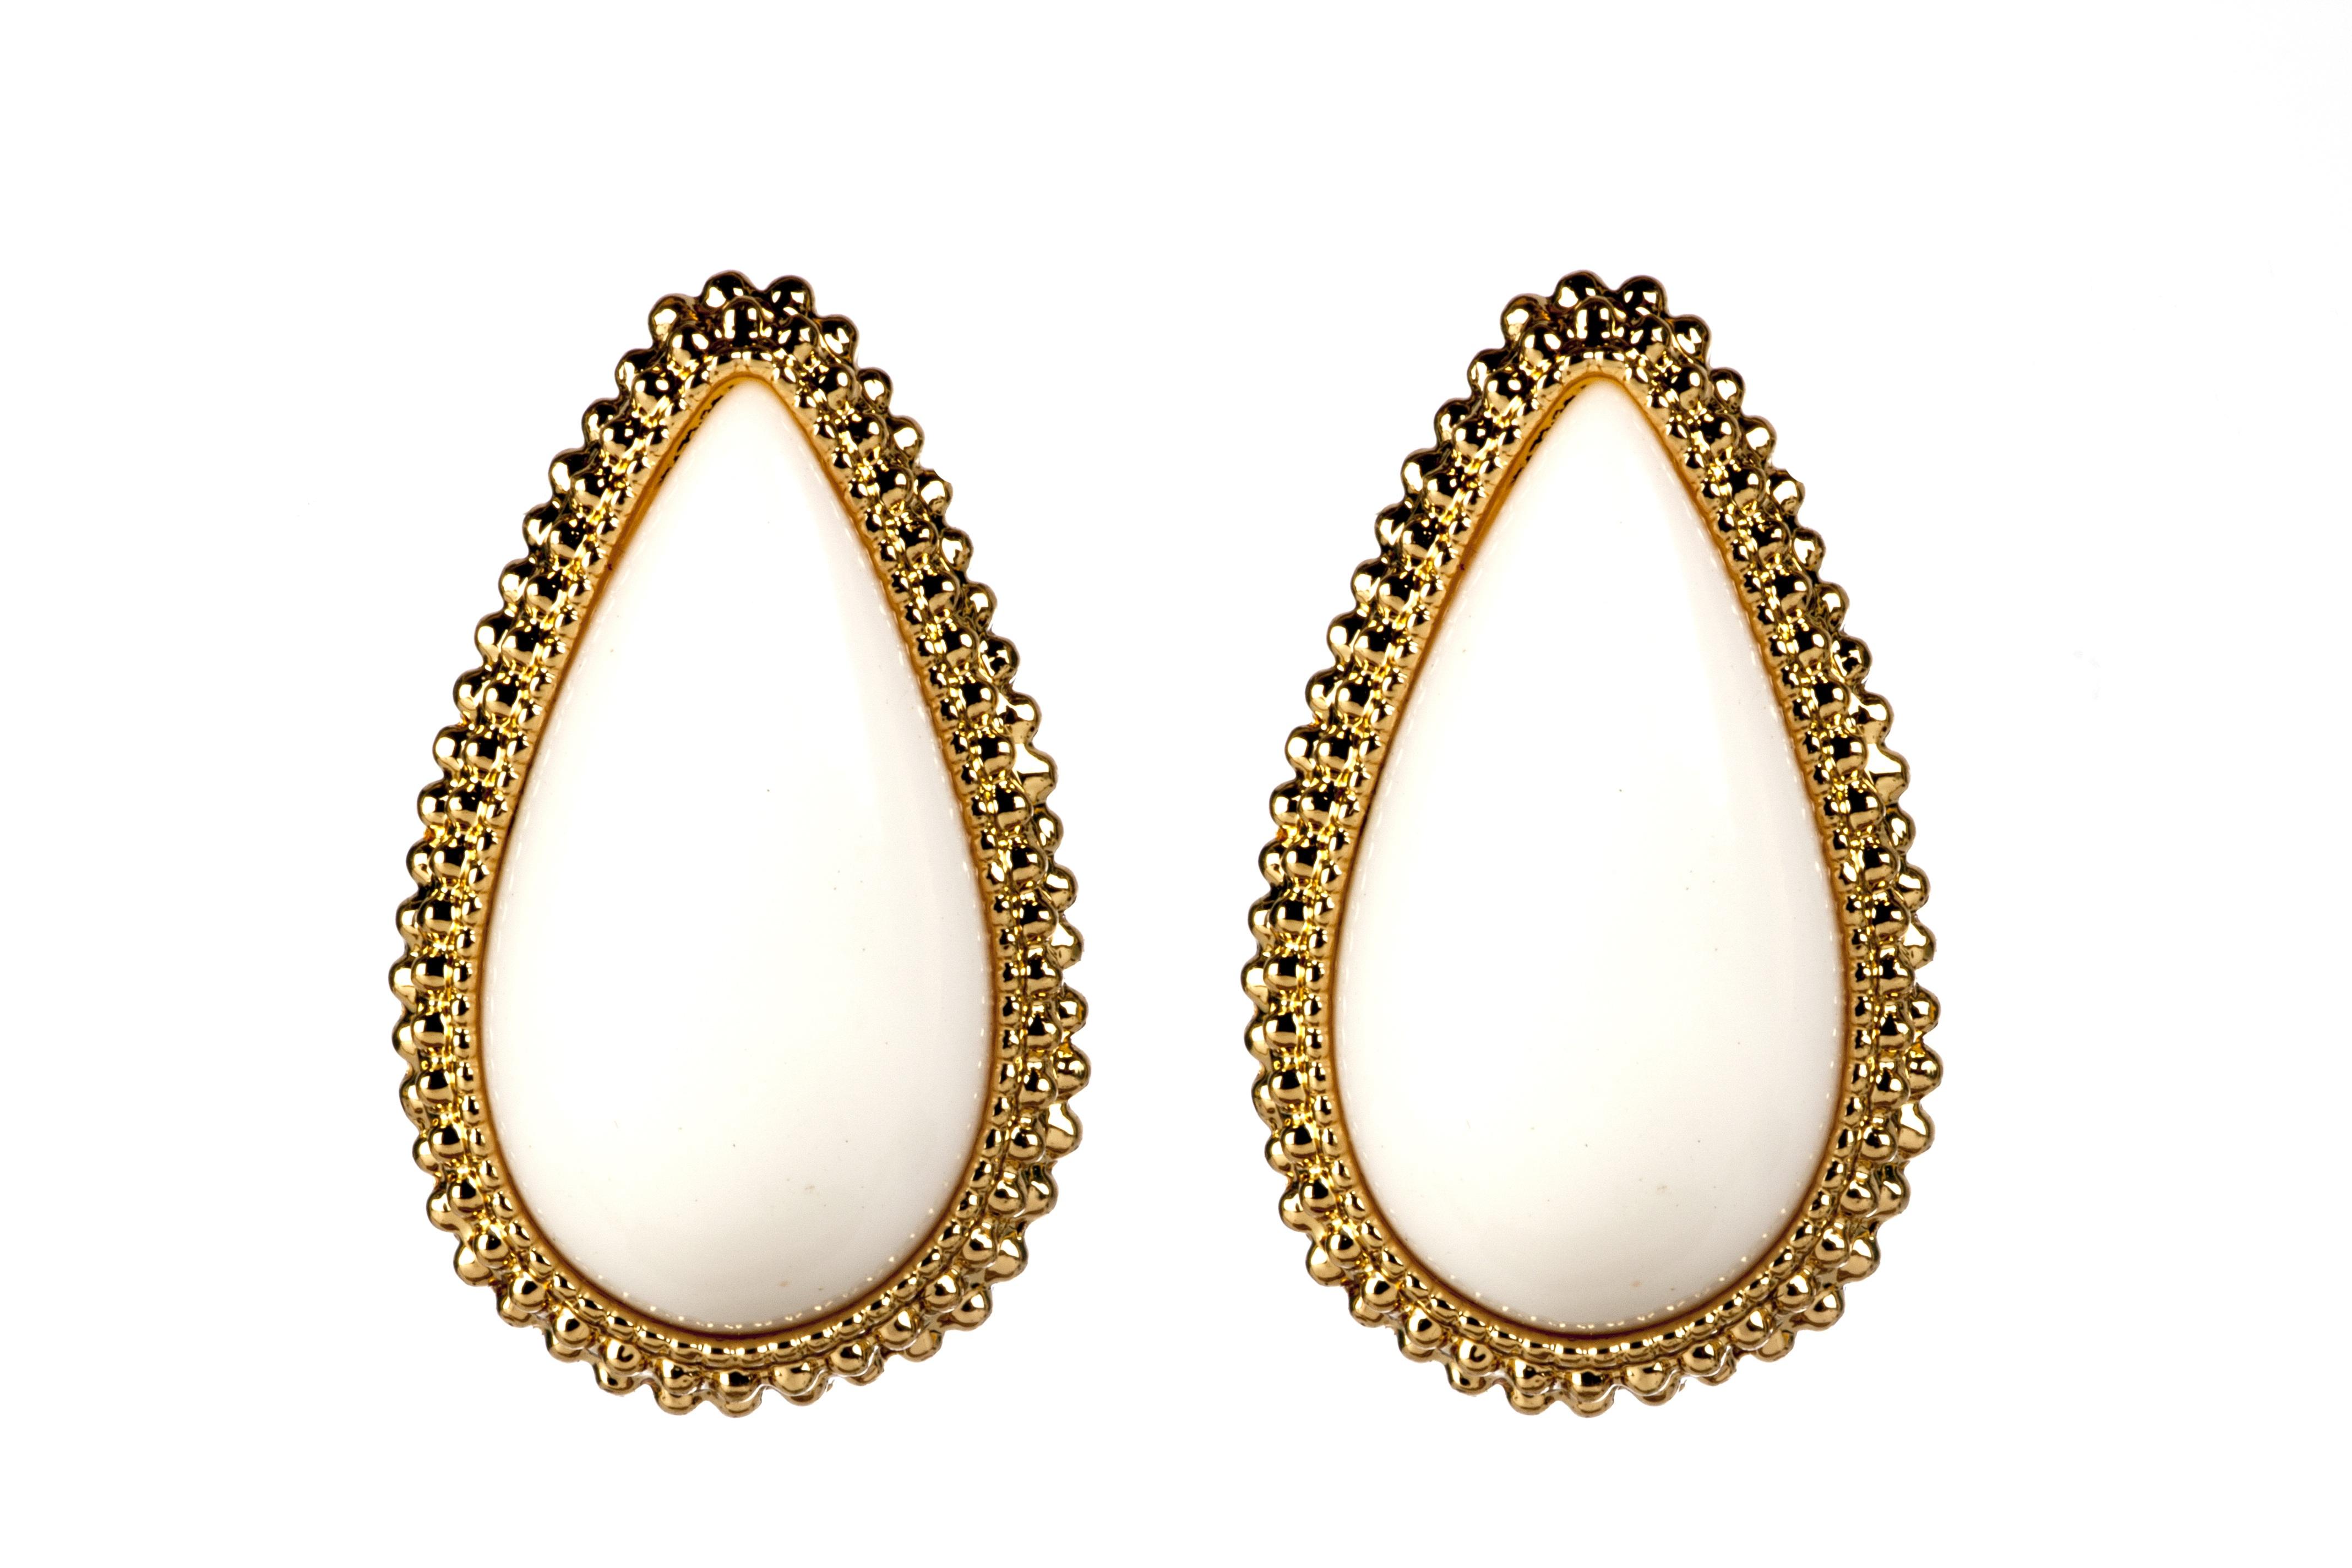 73272a9861d femelle décoration mode bijoux féminin bijoux bijou luxe des boucles  d oreilles style coûteux diamant